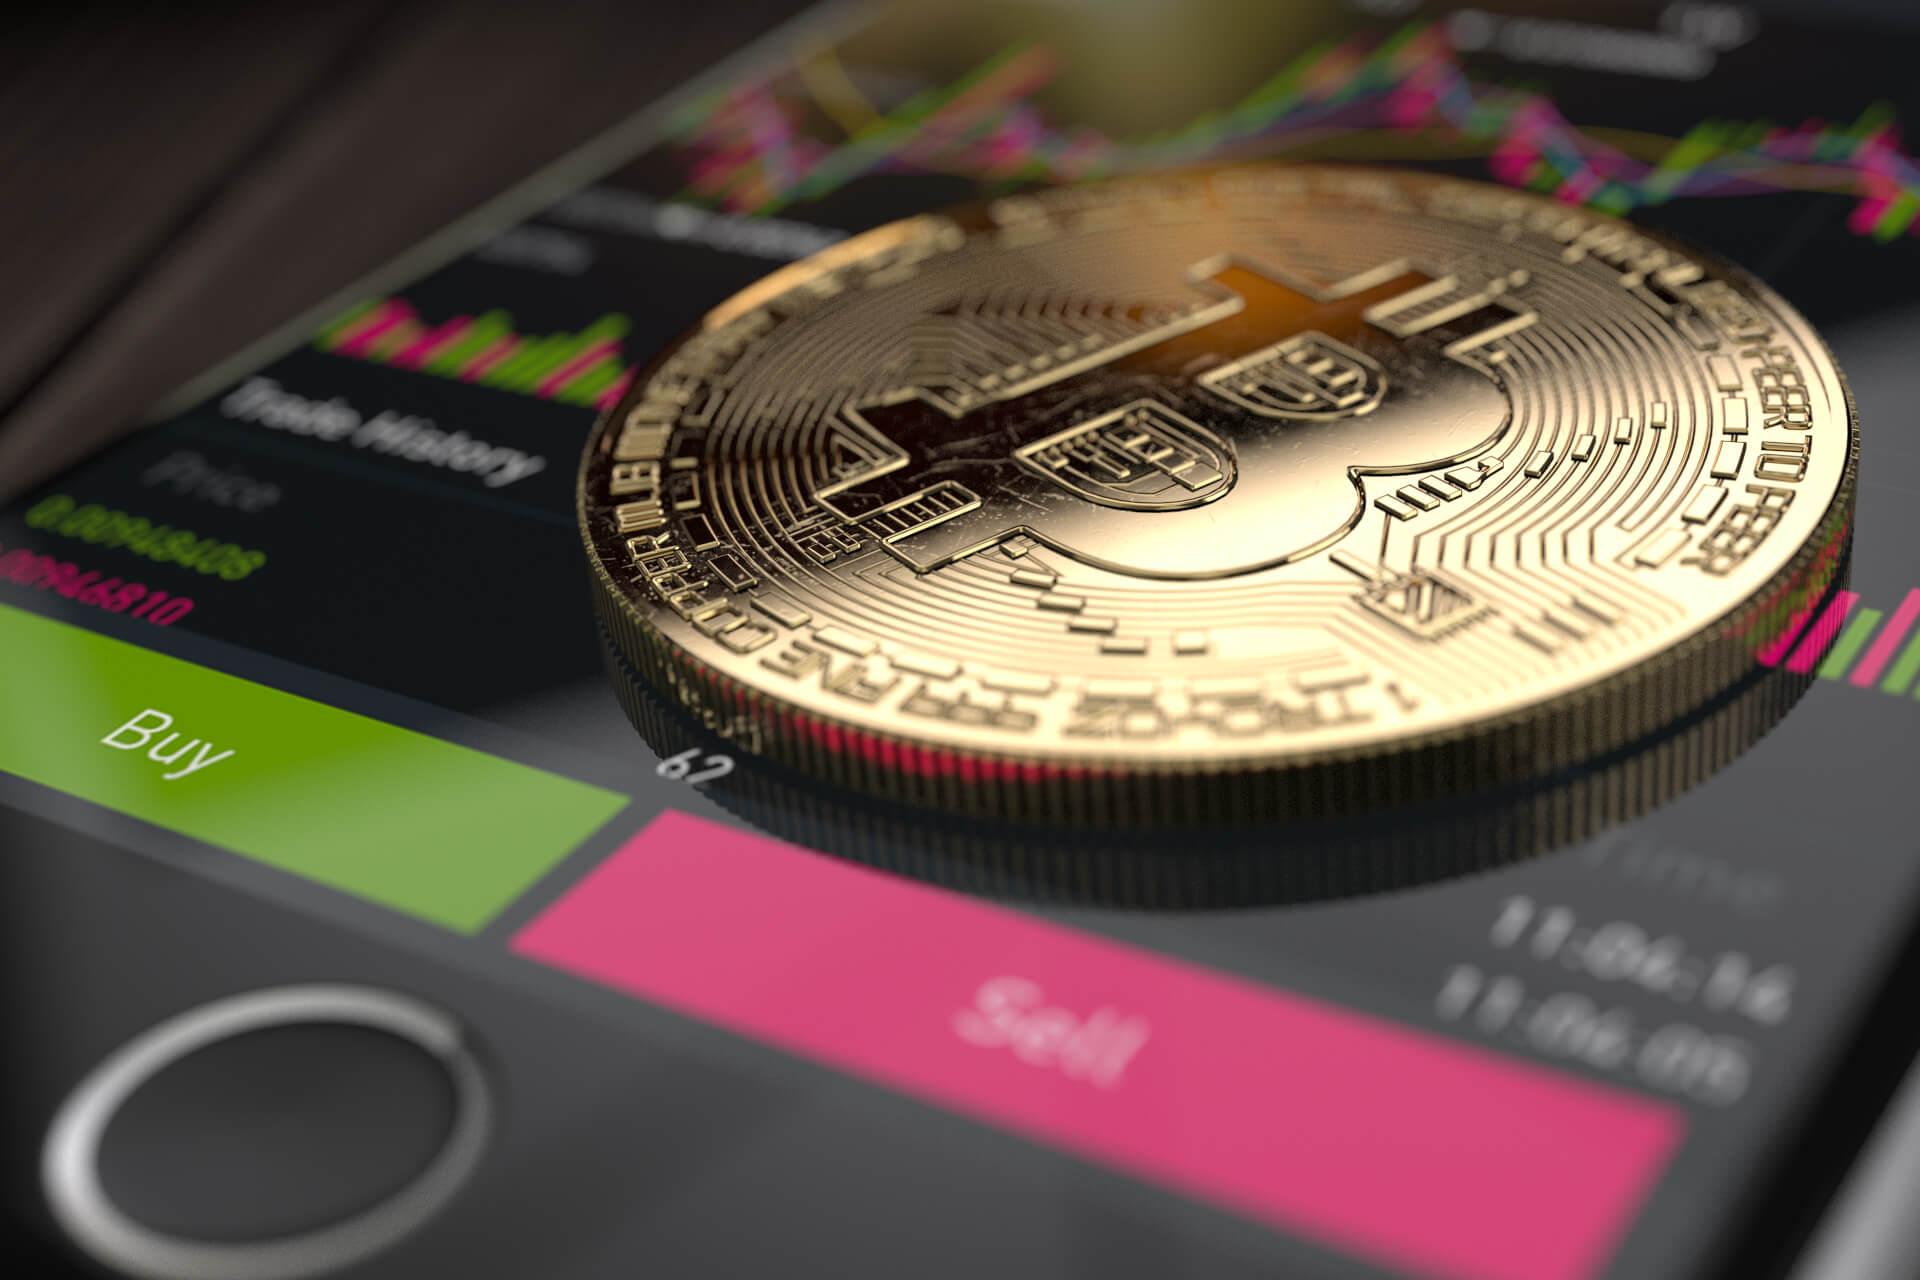 Esik a Bitcoin, nem jött be az aranykereszt - krisztinahaz.hu